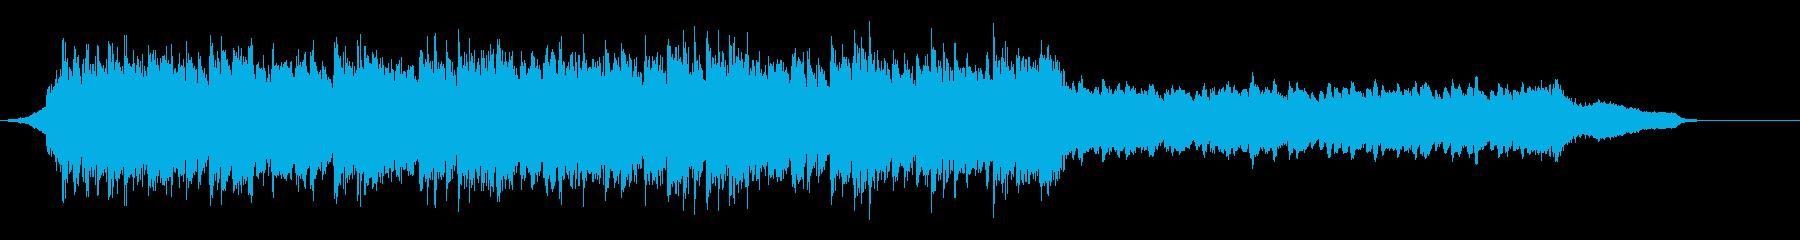 企業VP映像、136オーケストラ、爽快cの再生済みの波形